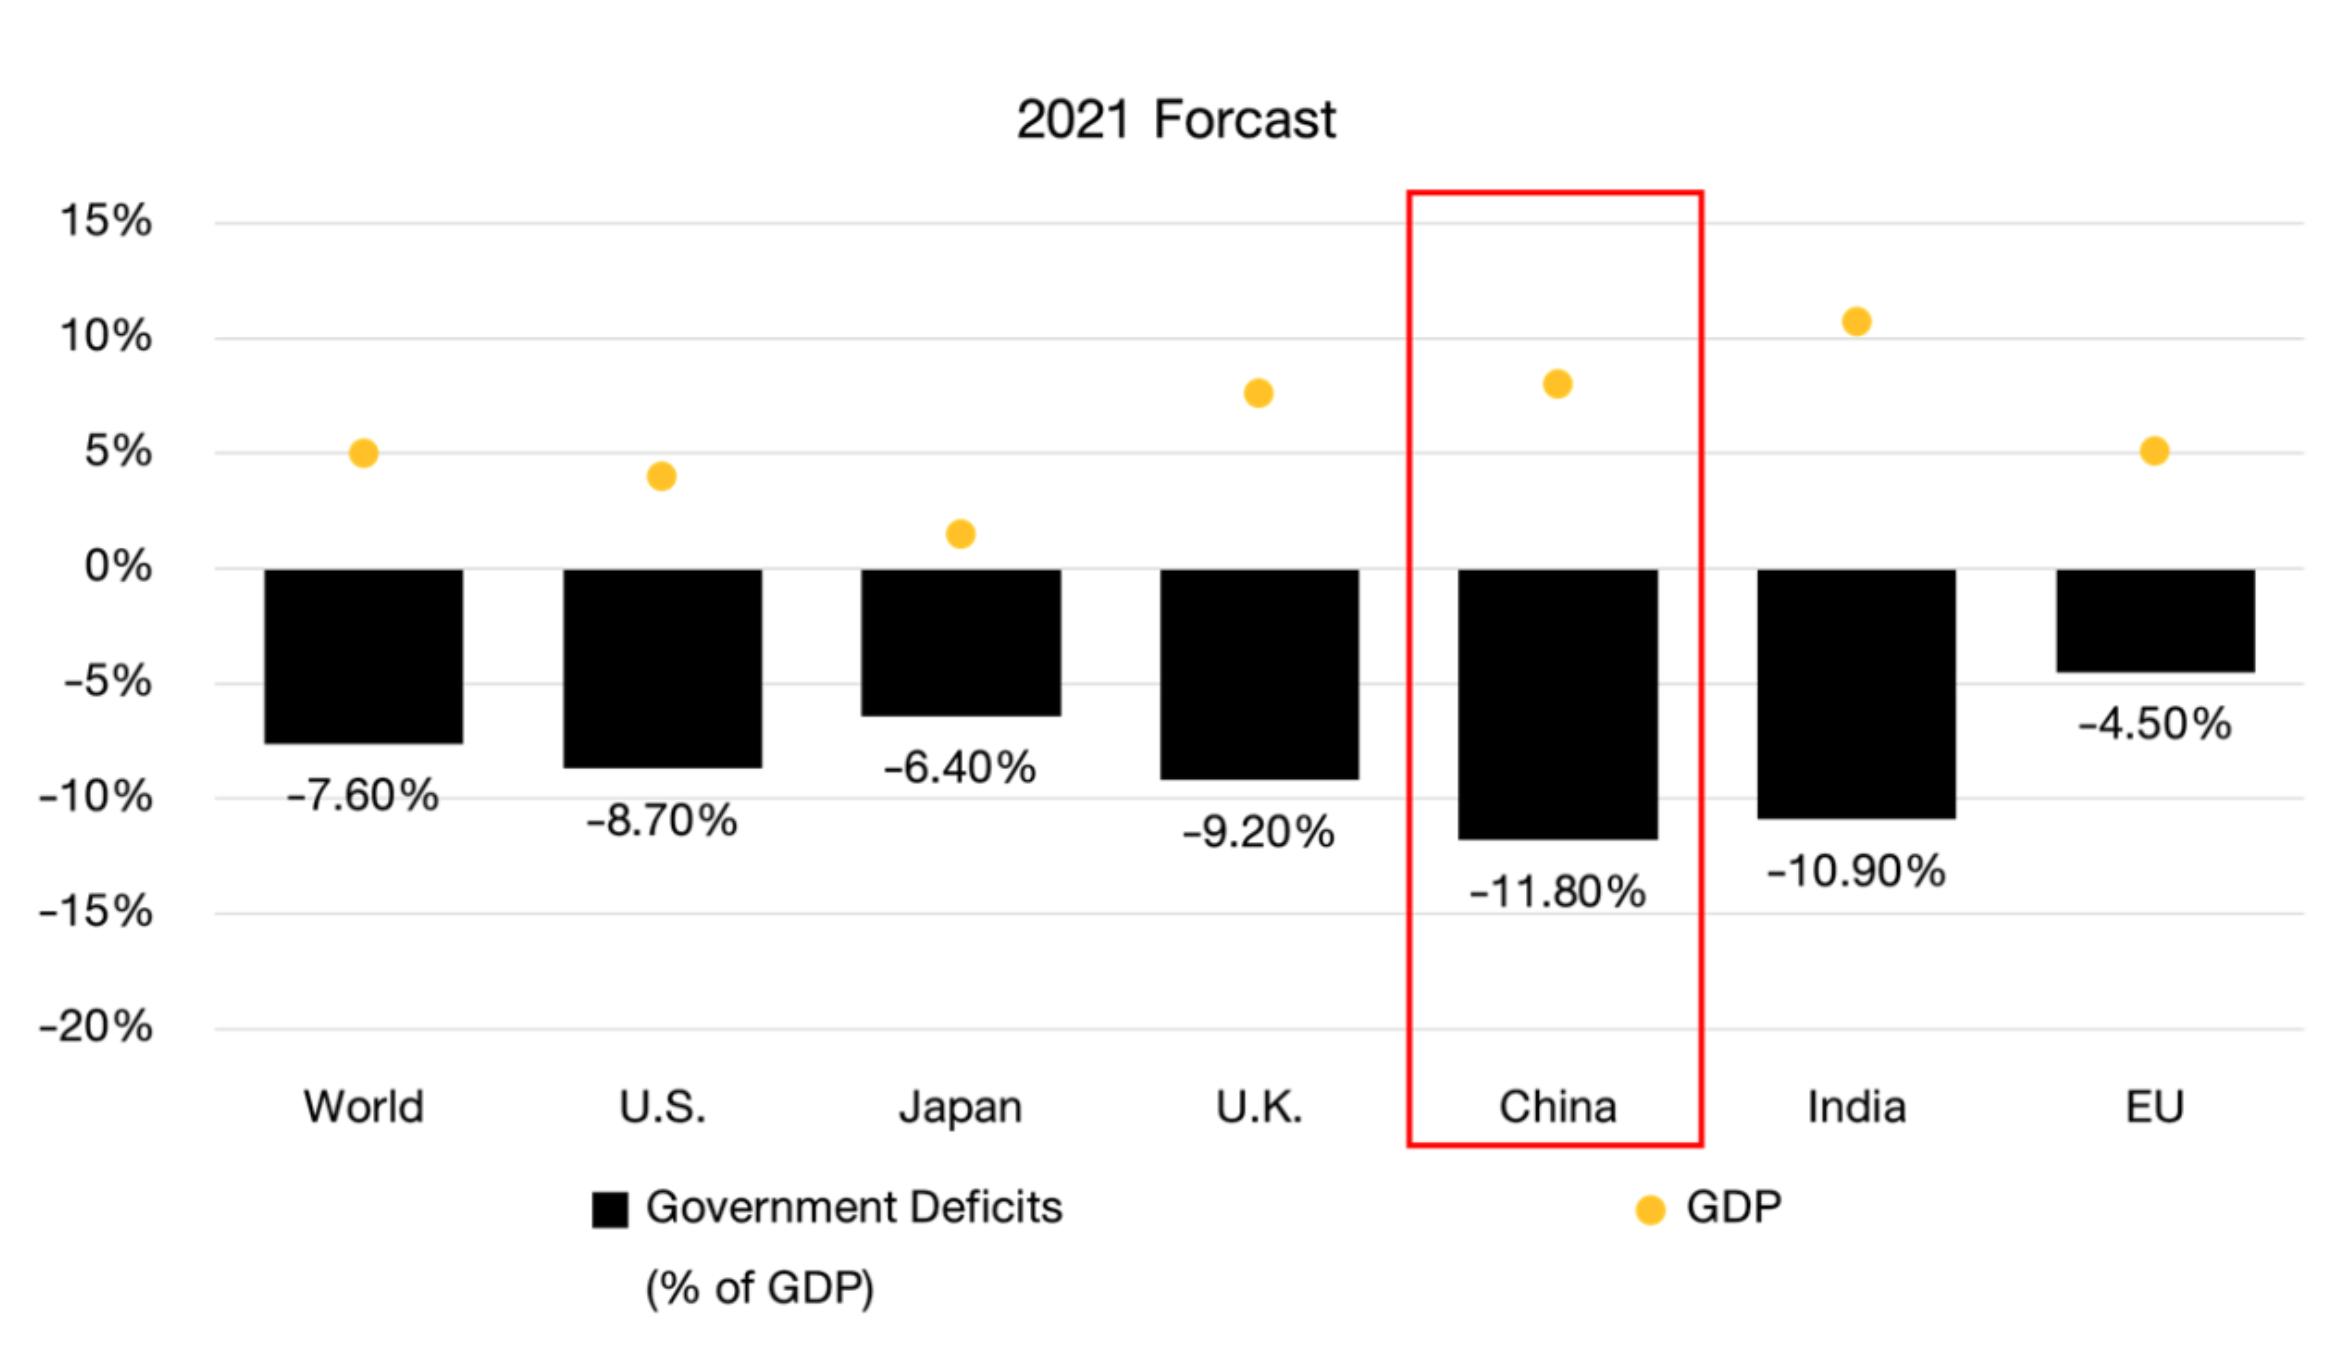 ปี 2021 ลงทุนอะไรดี?: A year of new world order